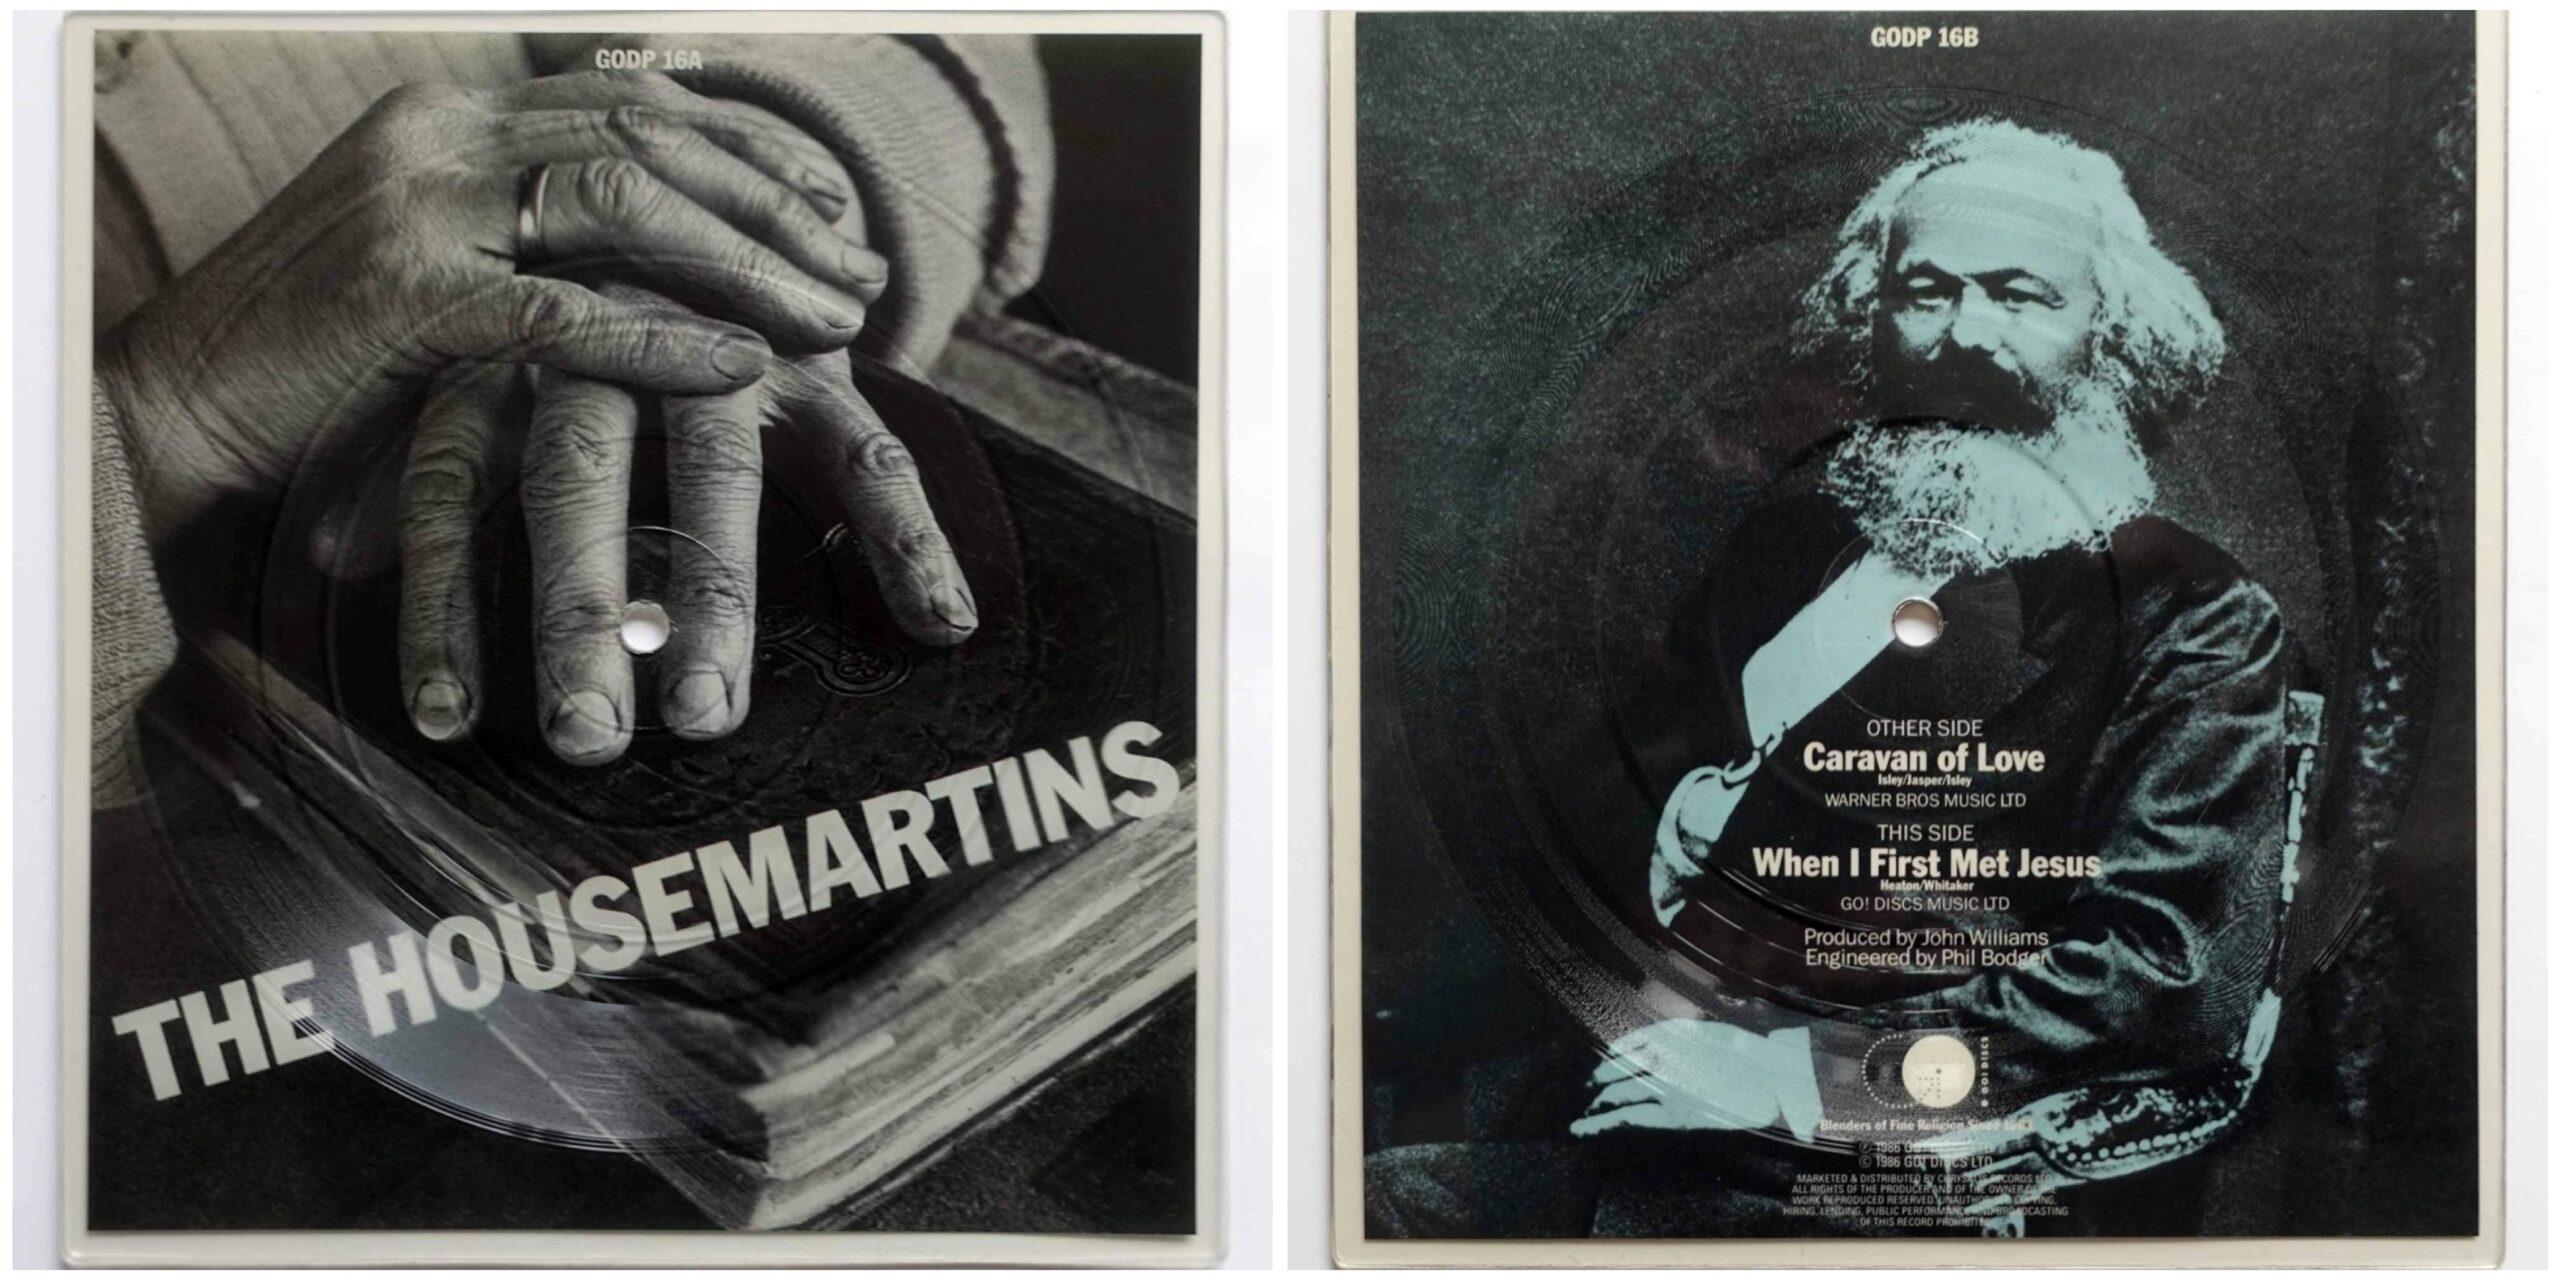 ハウスマーティンズの変形ピクチャー・レコード